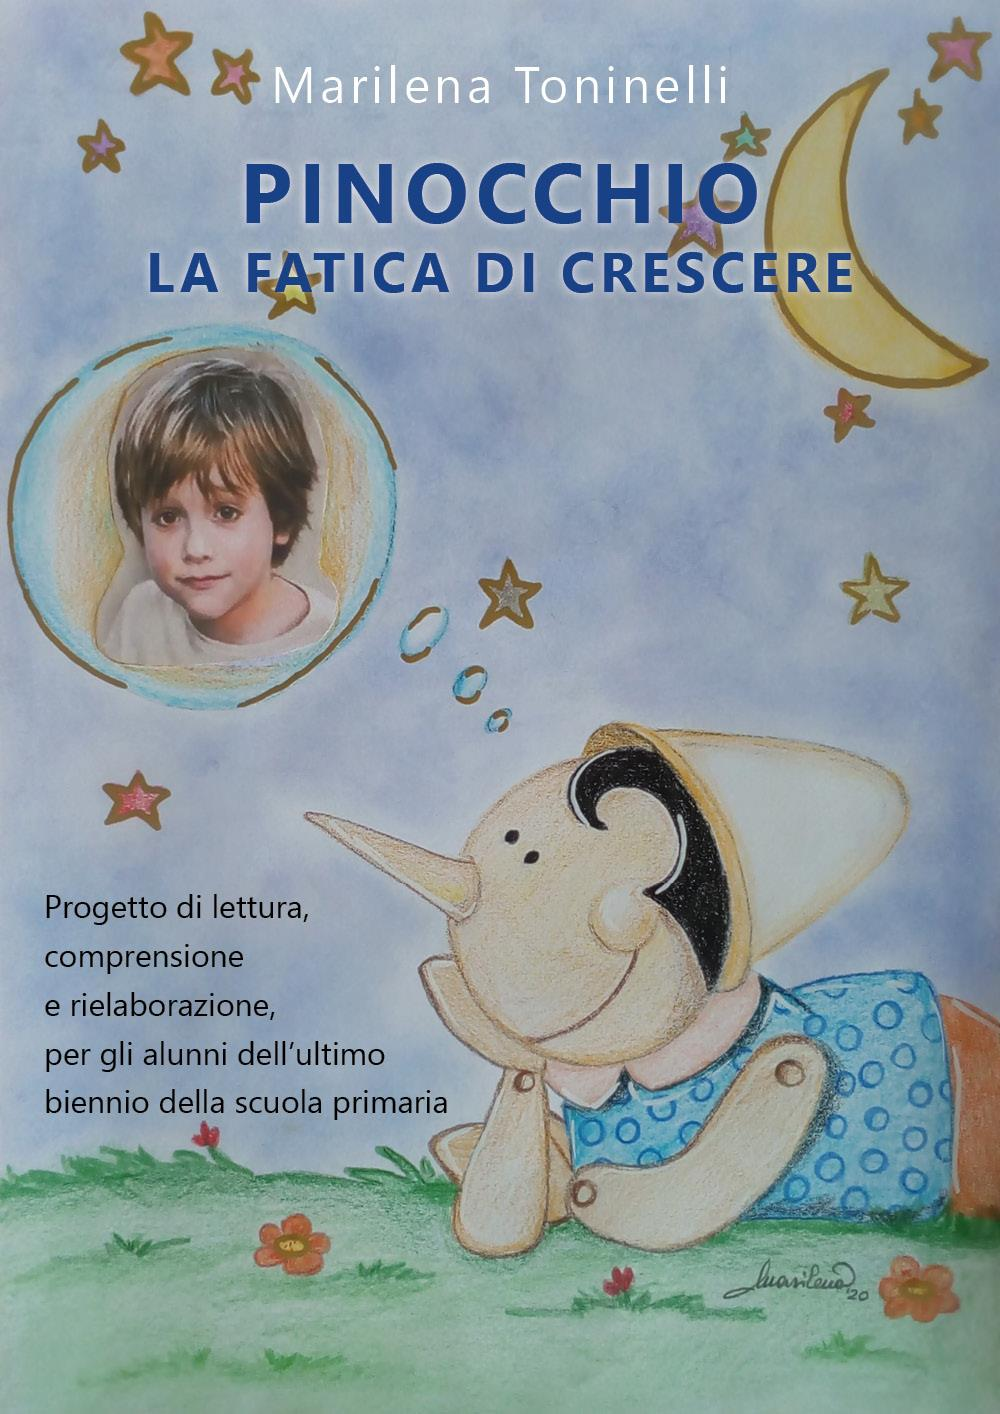 Pinocchio la fatica di crescere